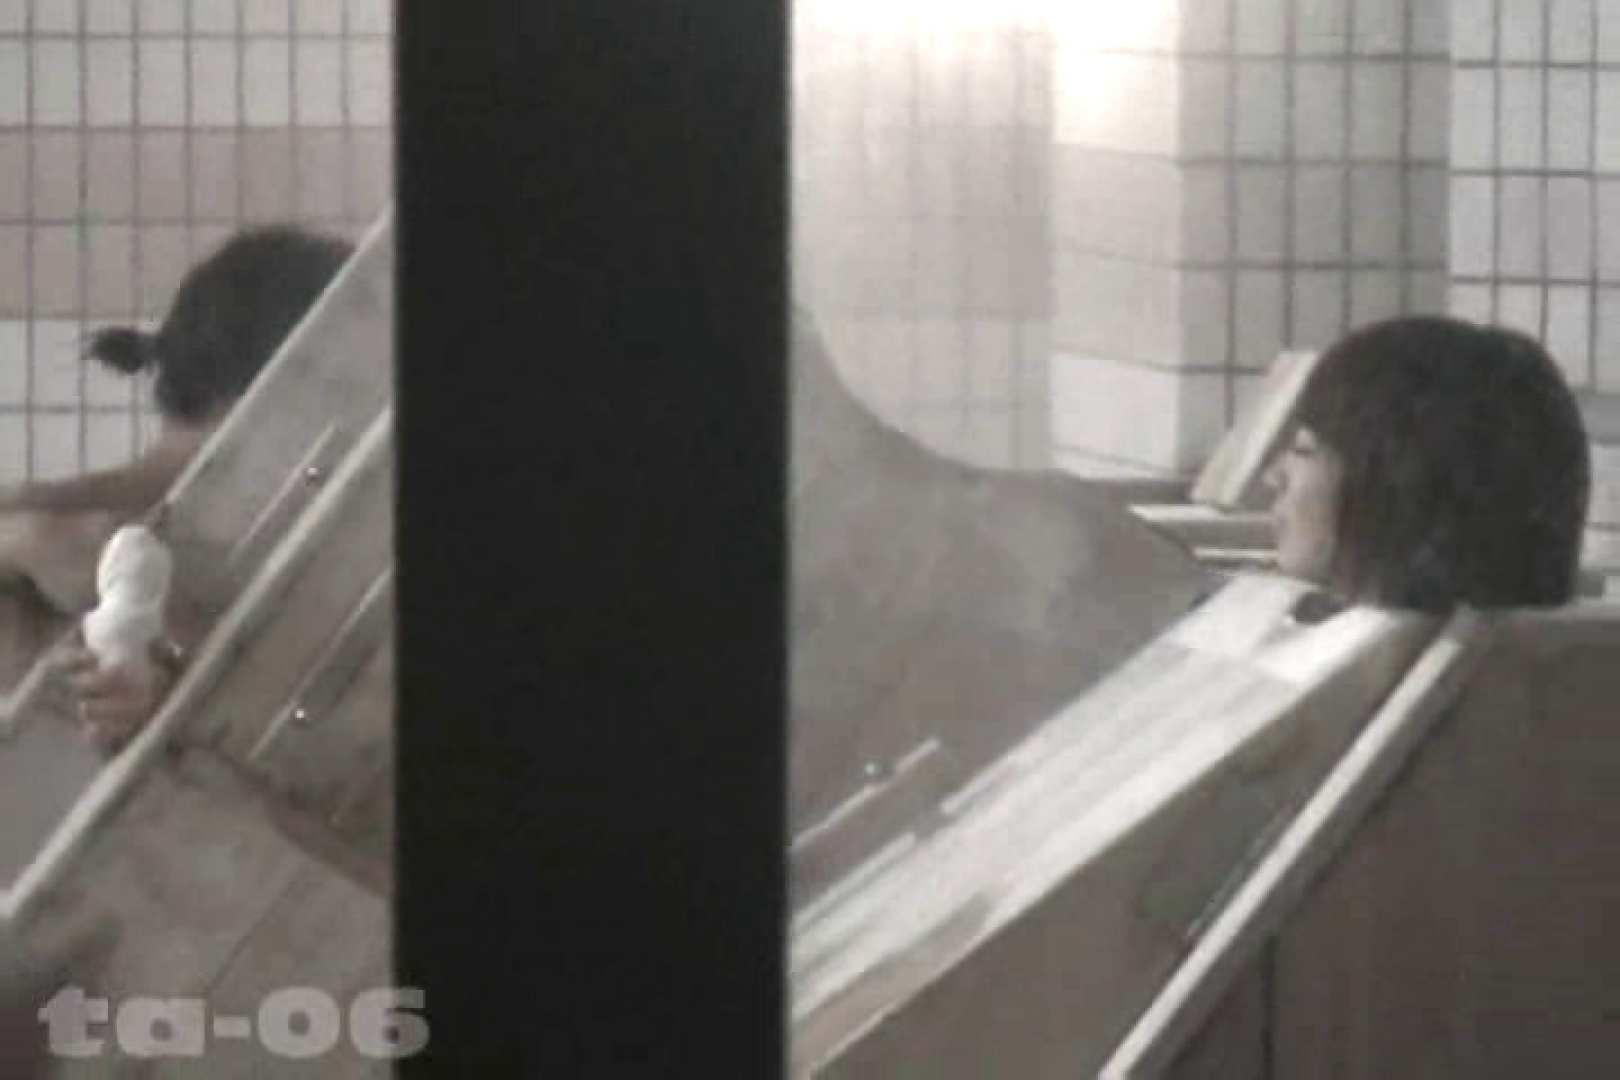 合宿ホテル女風呂盗撮高画質版 Vol.06 盗撮映像大放出  107連発 102